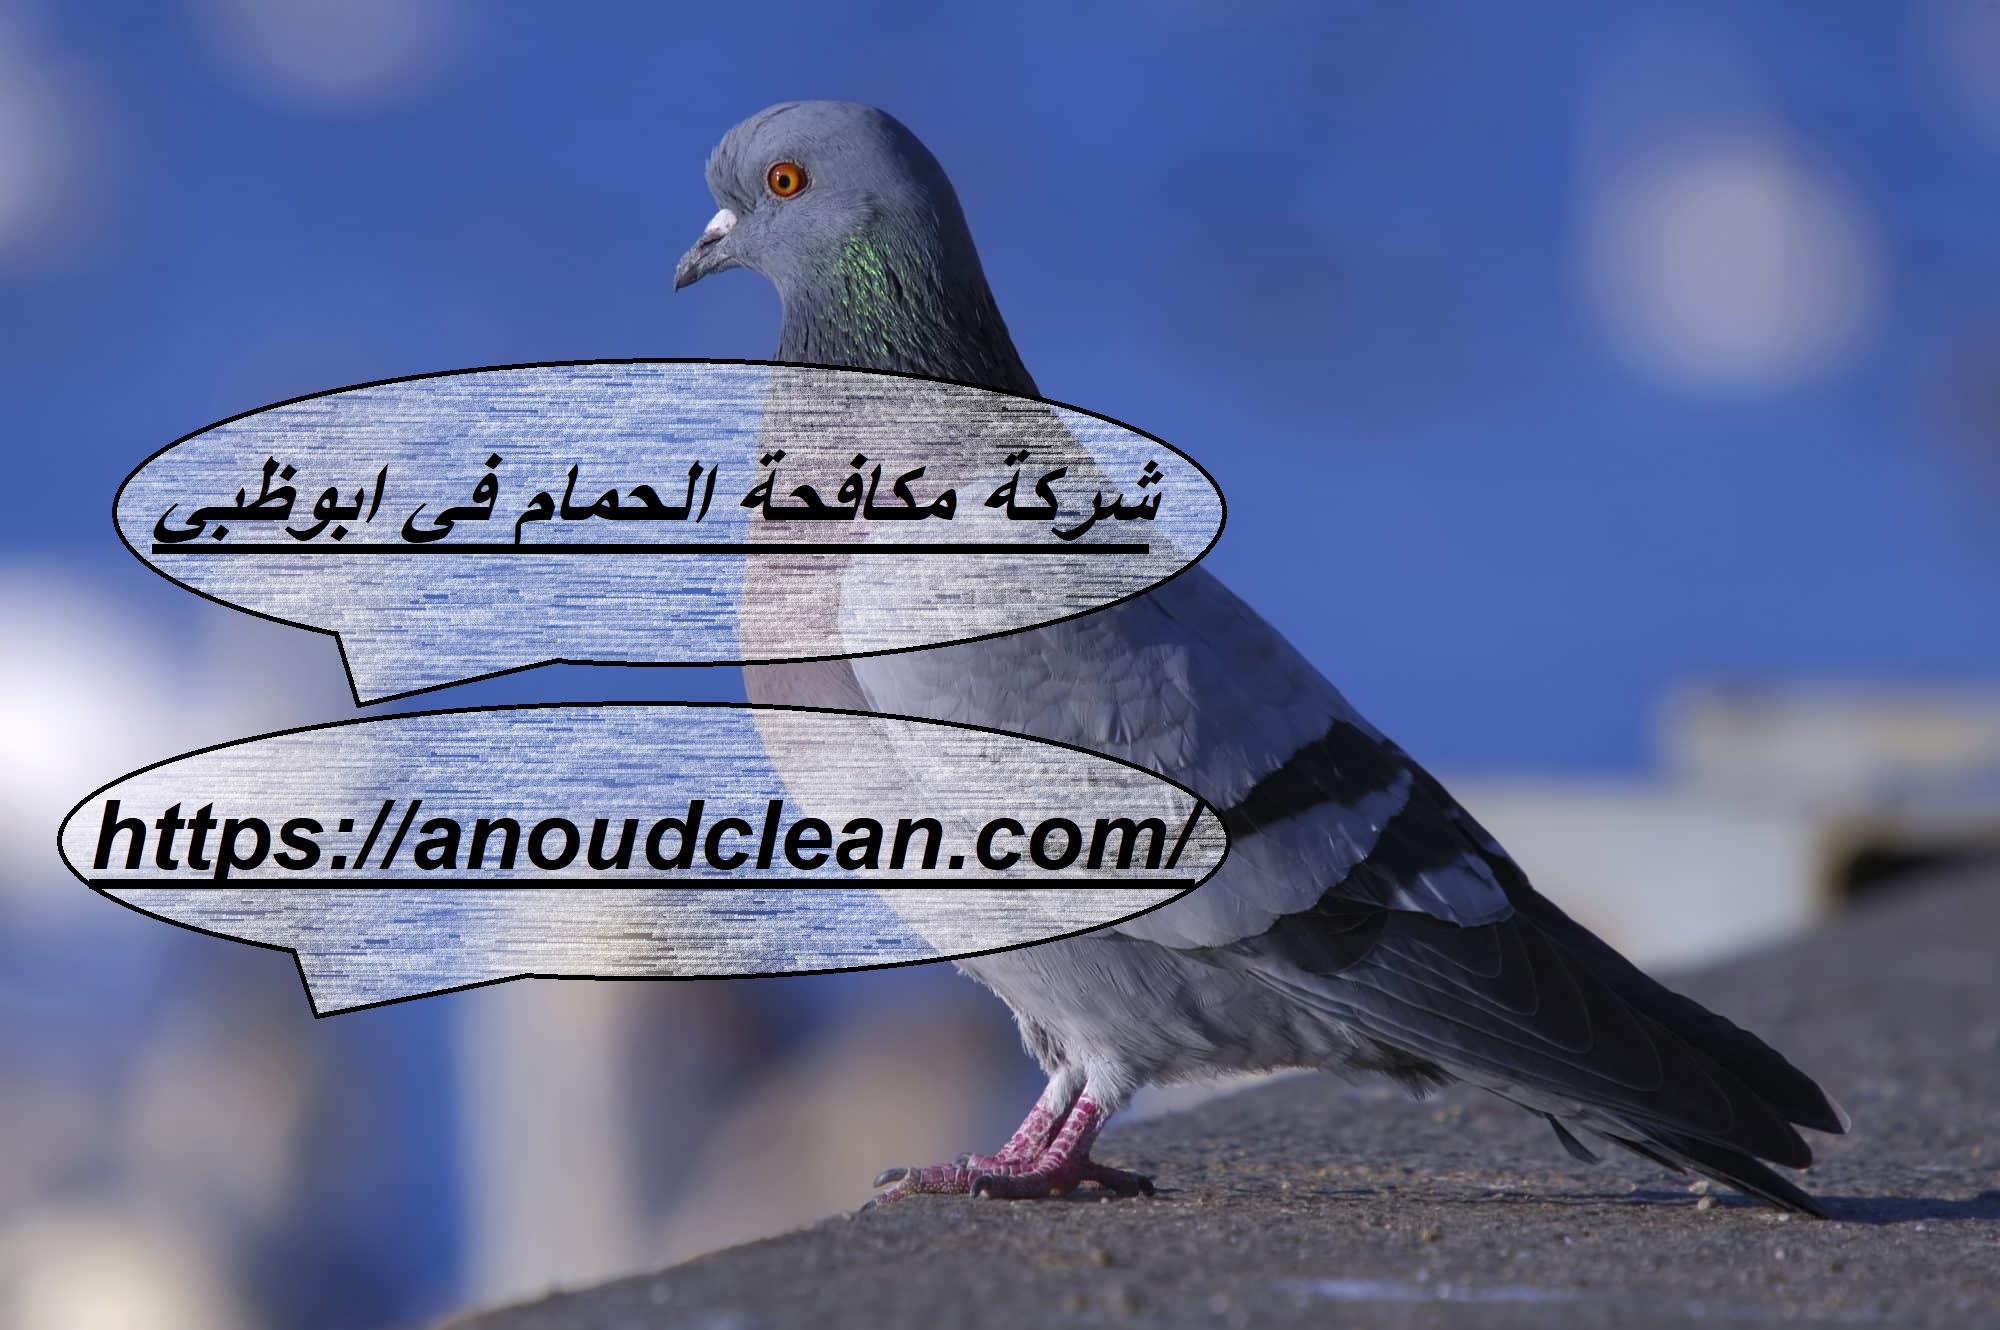 شركة مكافحة الحمام في ابوظبي